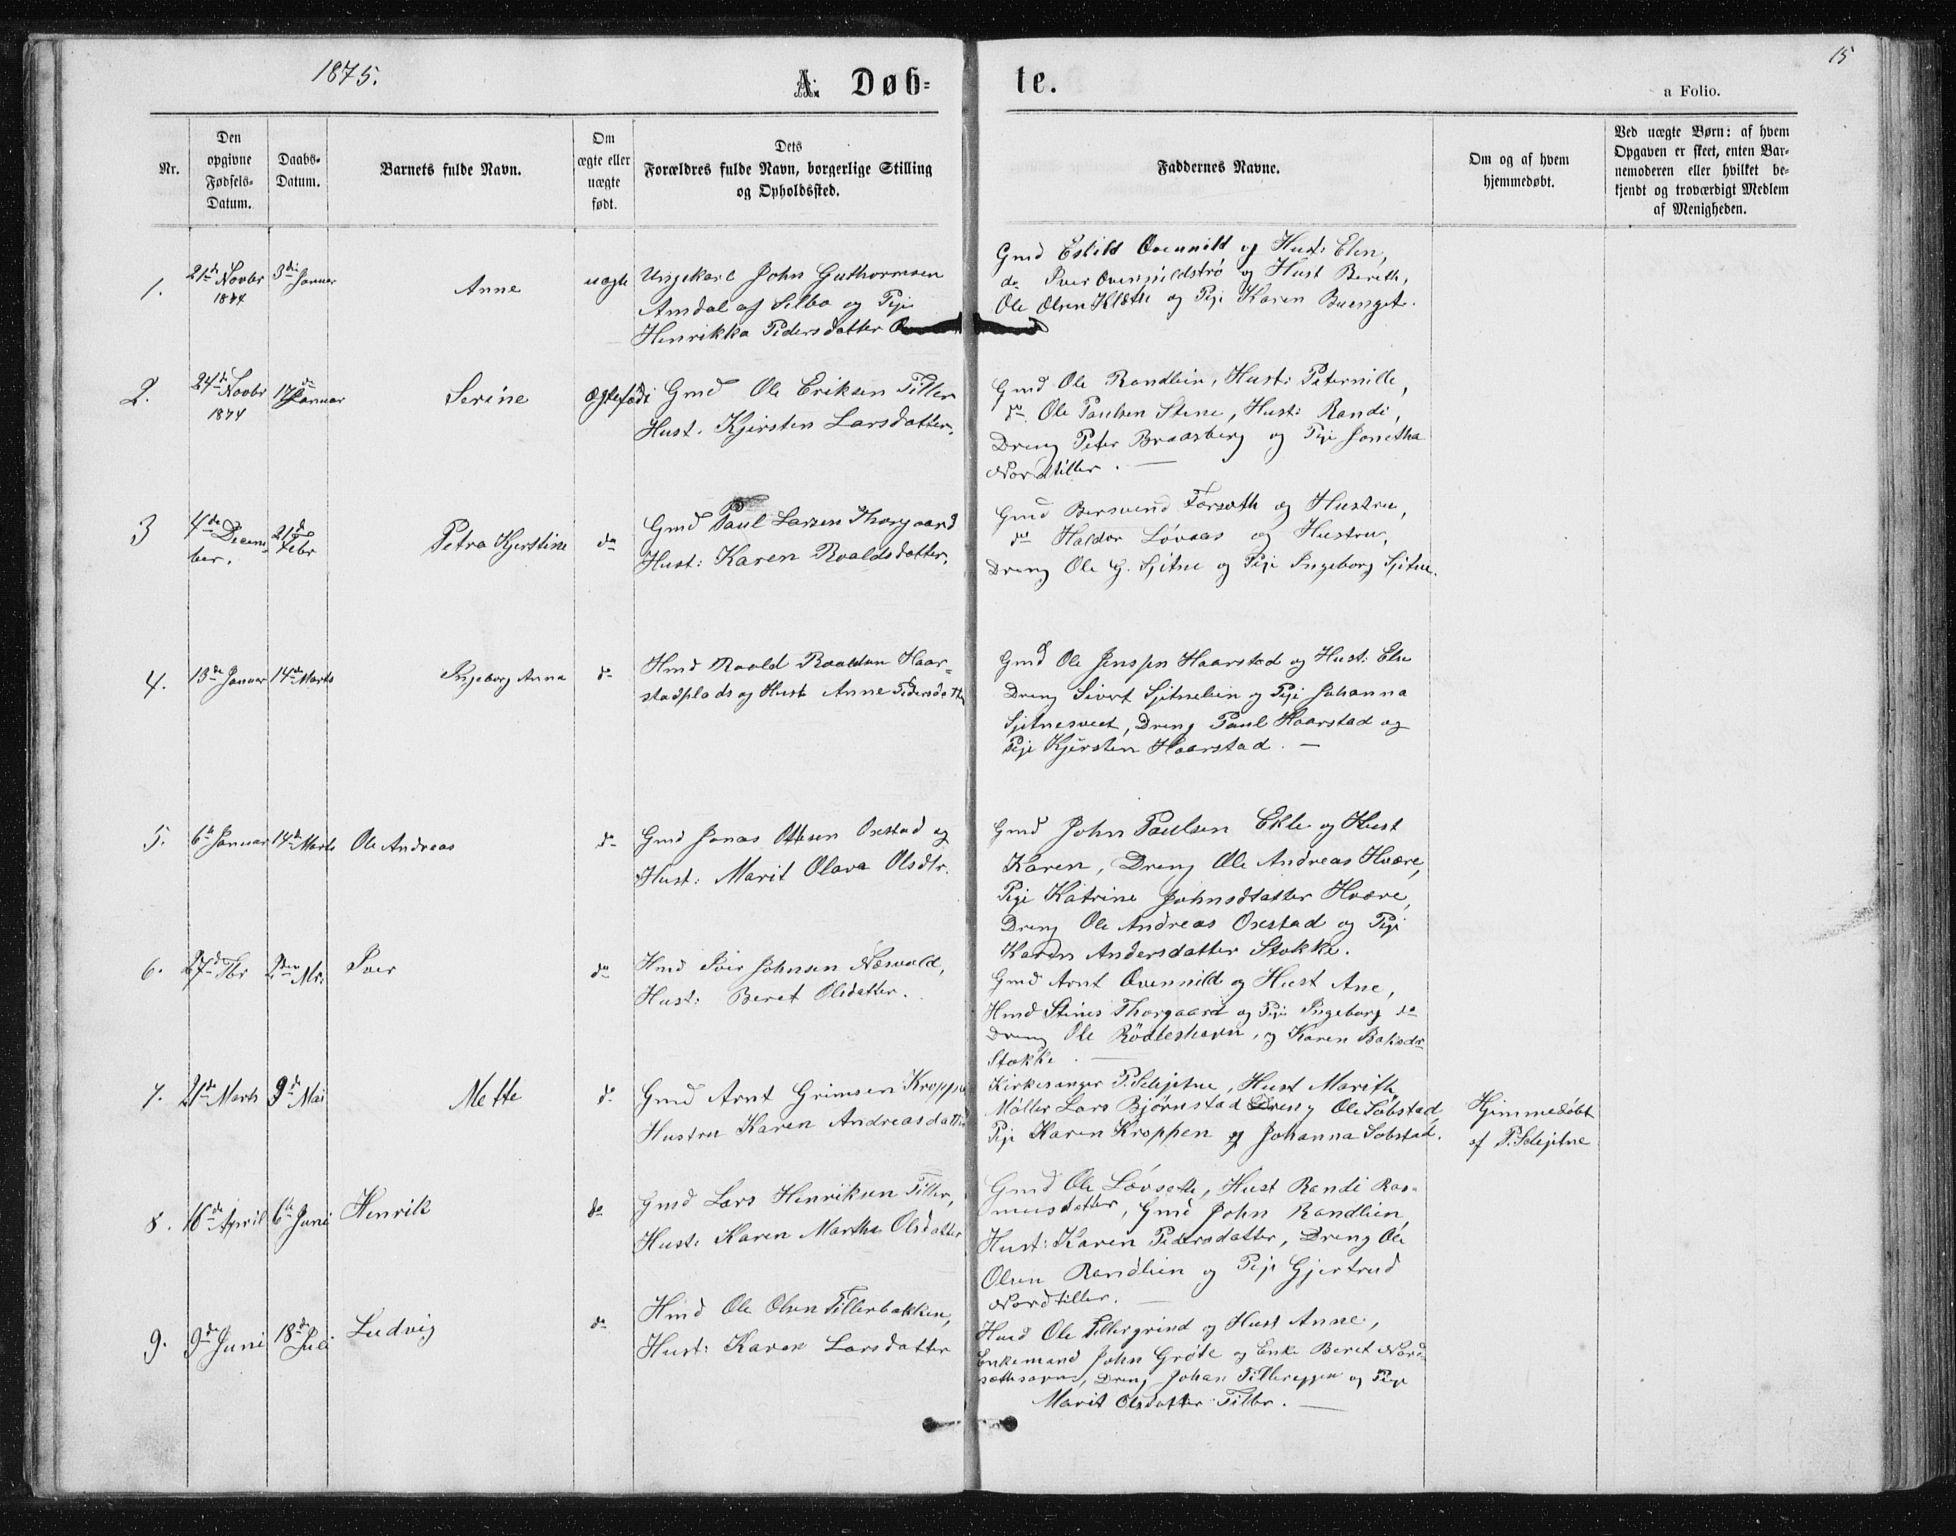 SAT, Ministerialprotokoller, klokkerbøker og fødselsregistre - Sør-Trøndelag, 621/L0459: Klokkerbok nr. 621C02, 1866-1895, s. 15